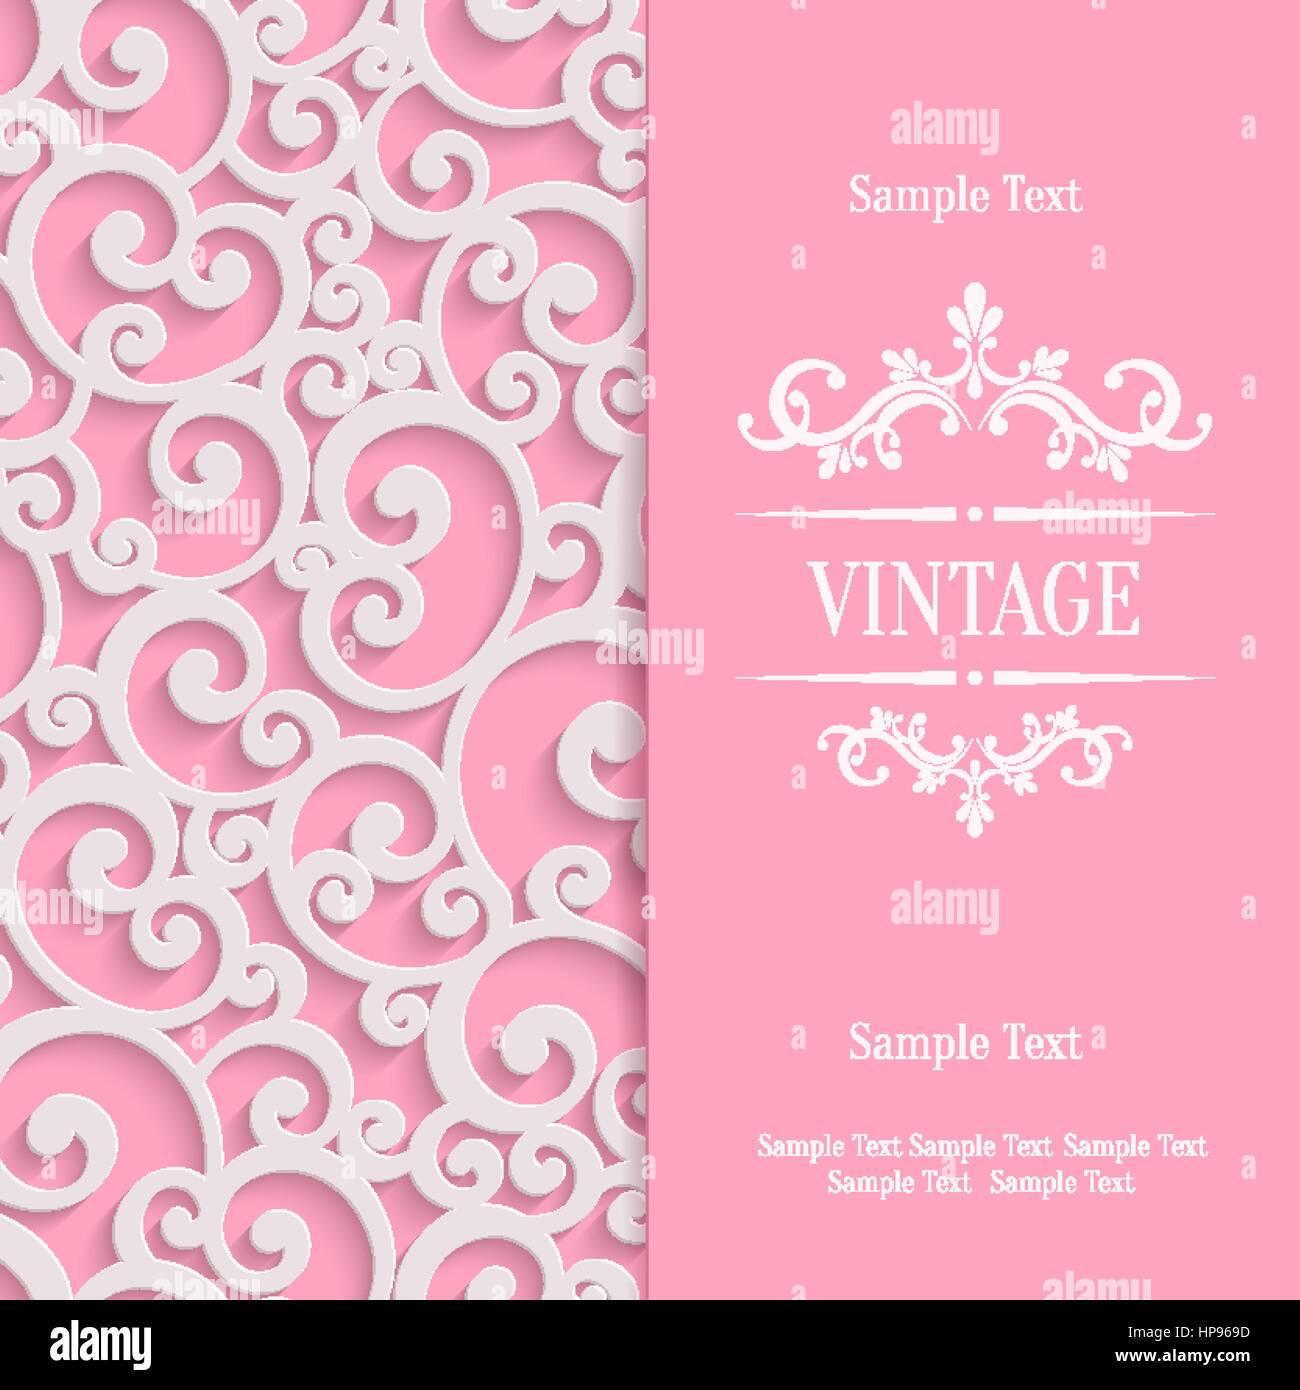 Rosa 3d Wirbel-Valentinstag-Karte mit floralen Curl Muster ...